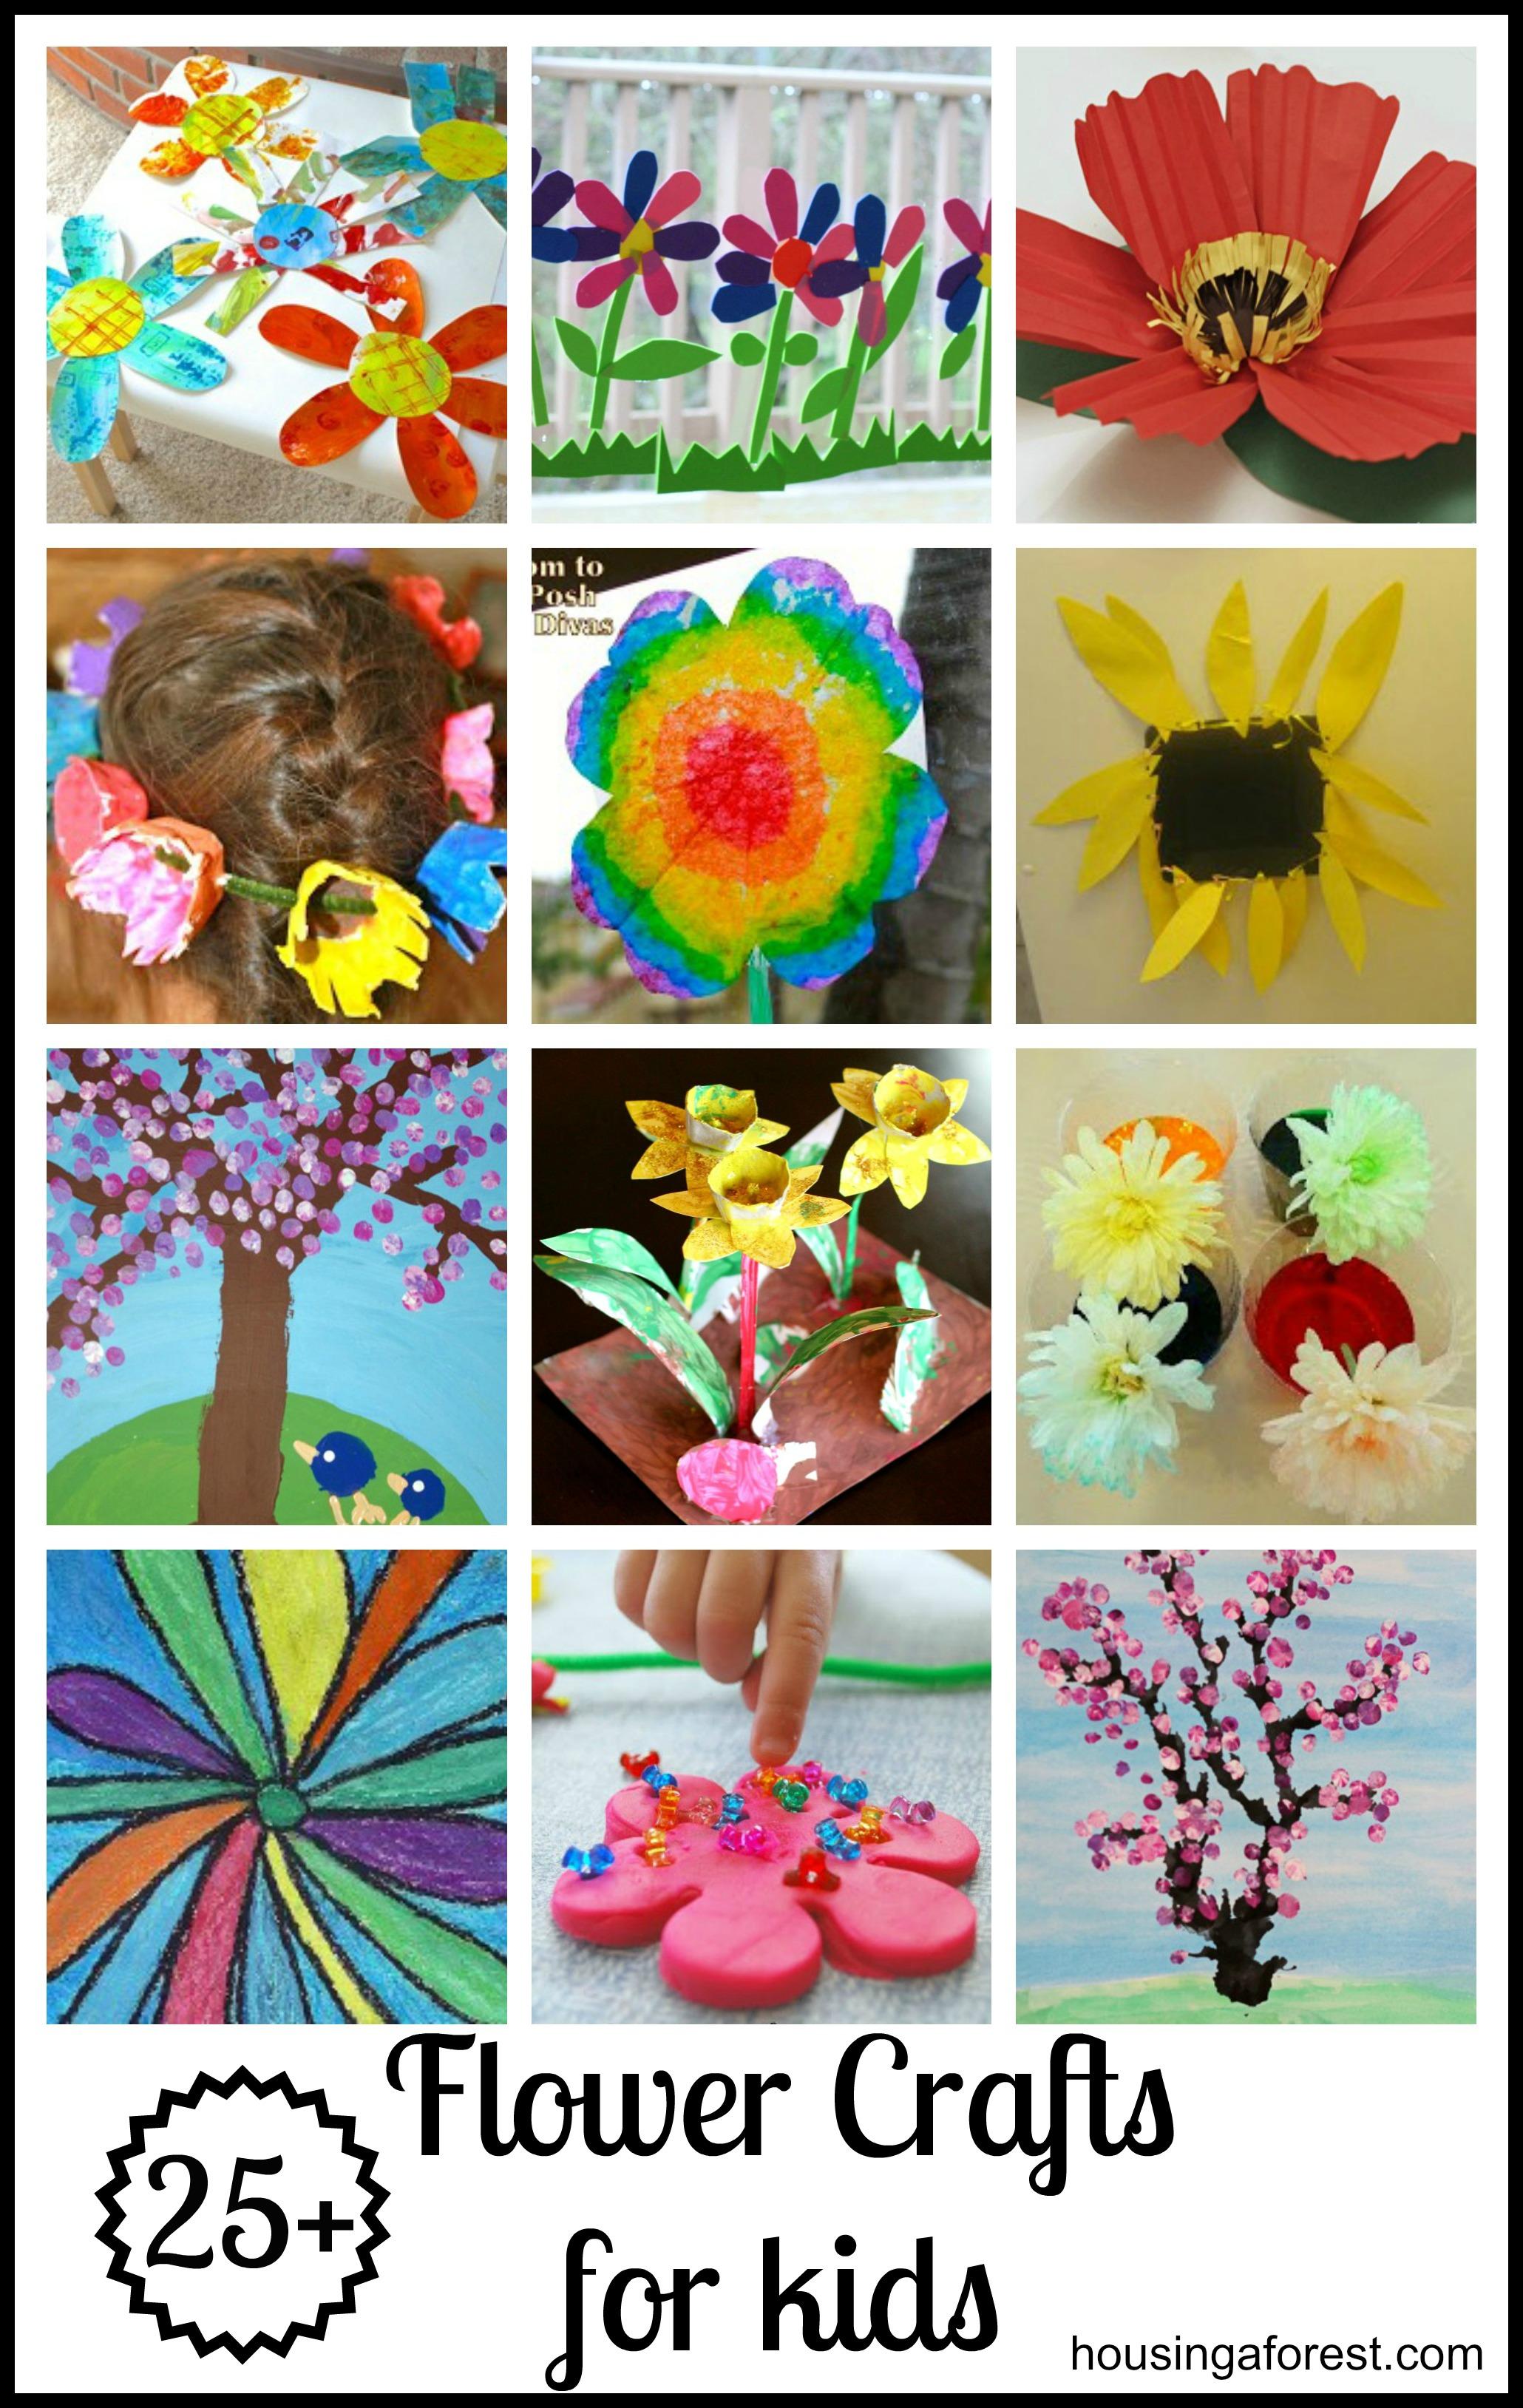 25+ Flower Crafts for kids